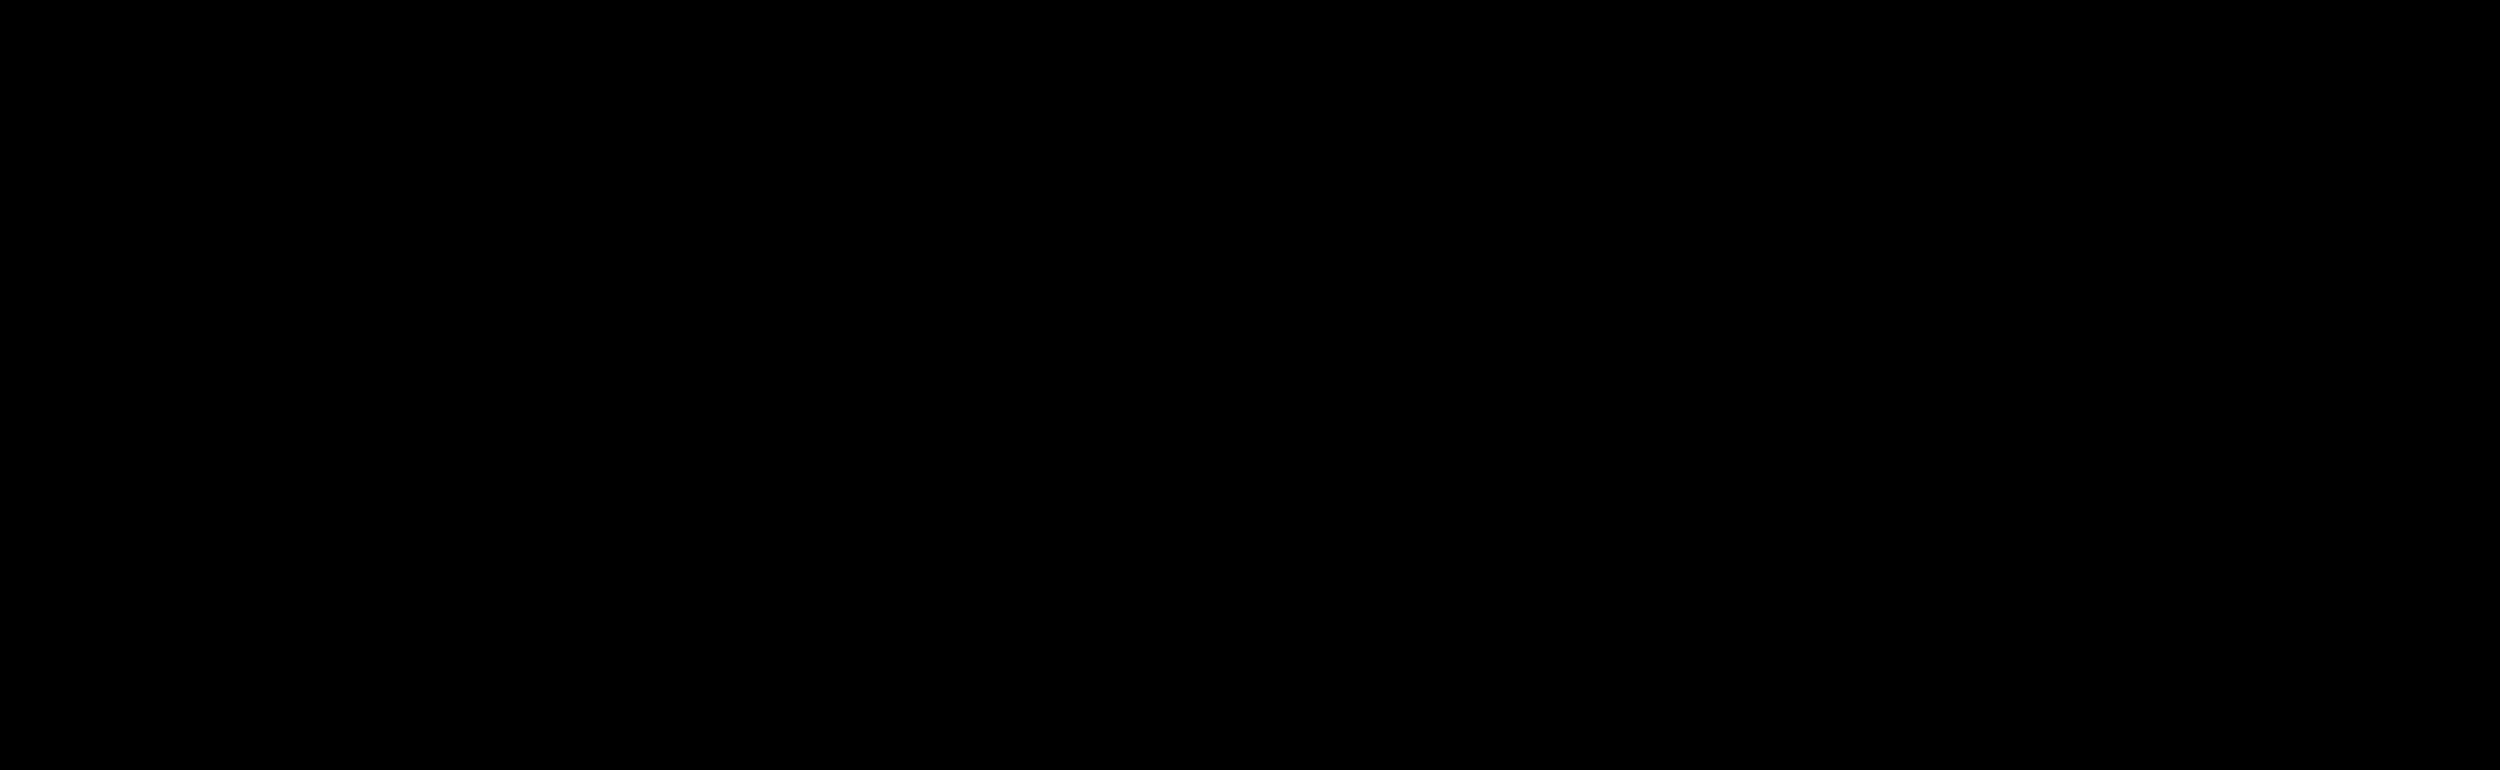 Flaherty_Logo-Suite_SCREEN_Logotype POS.png